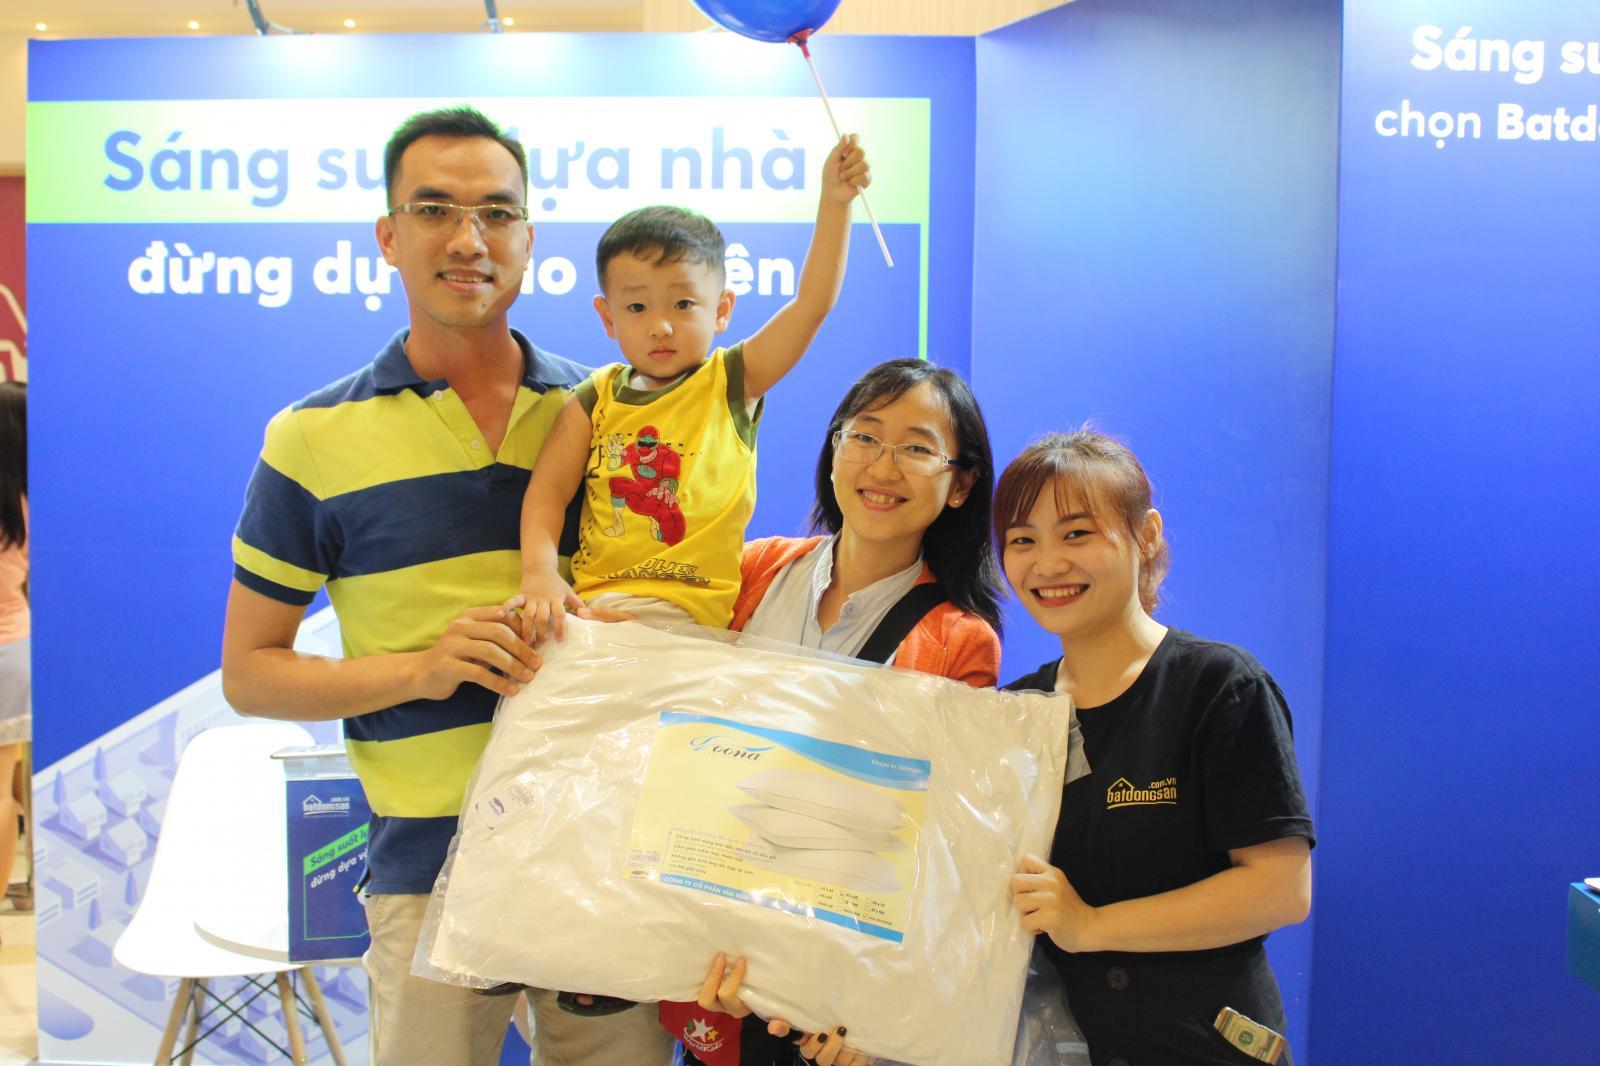 Gian hàng trải nghiệm thứ 2 của Batdongsan.com.vn